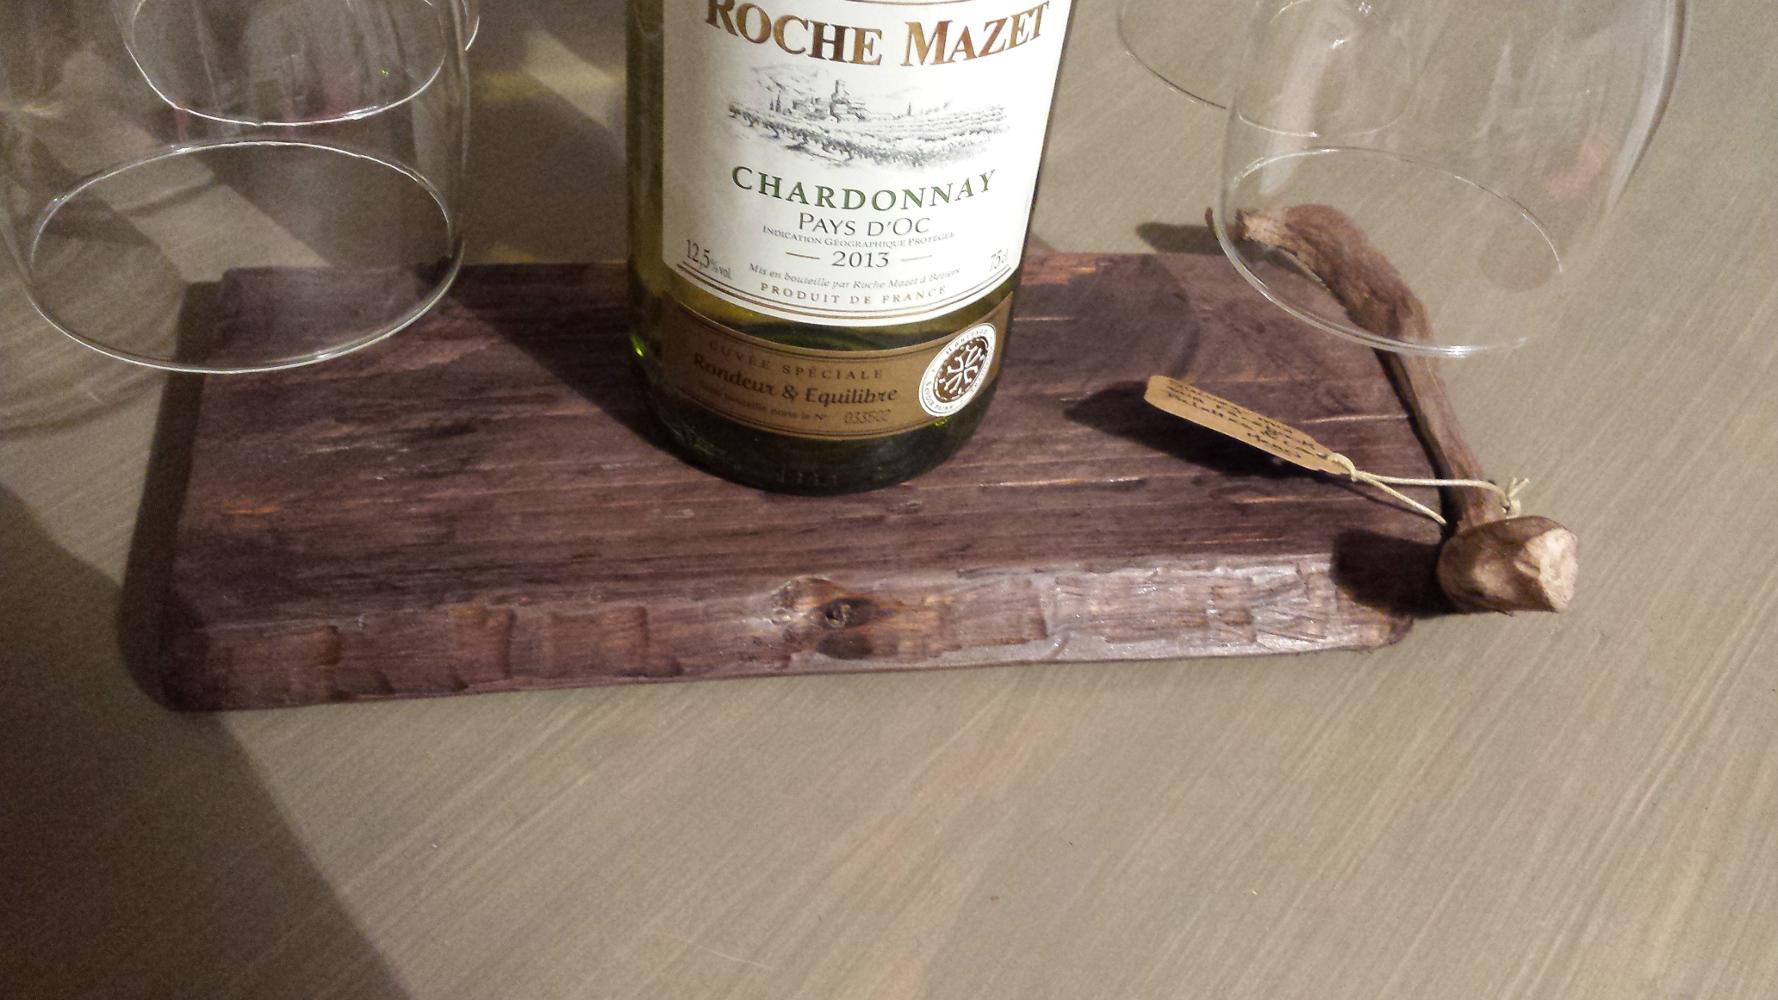 Porte bouteille vin et verres avec planche d couper saucisson palettes co - Planche a decouper saucisson ...